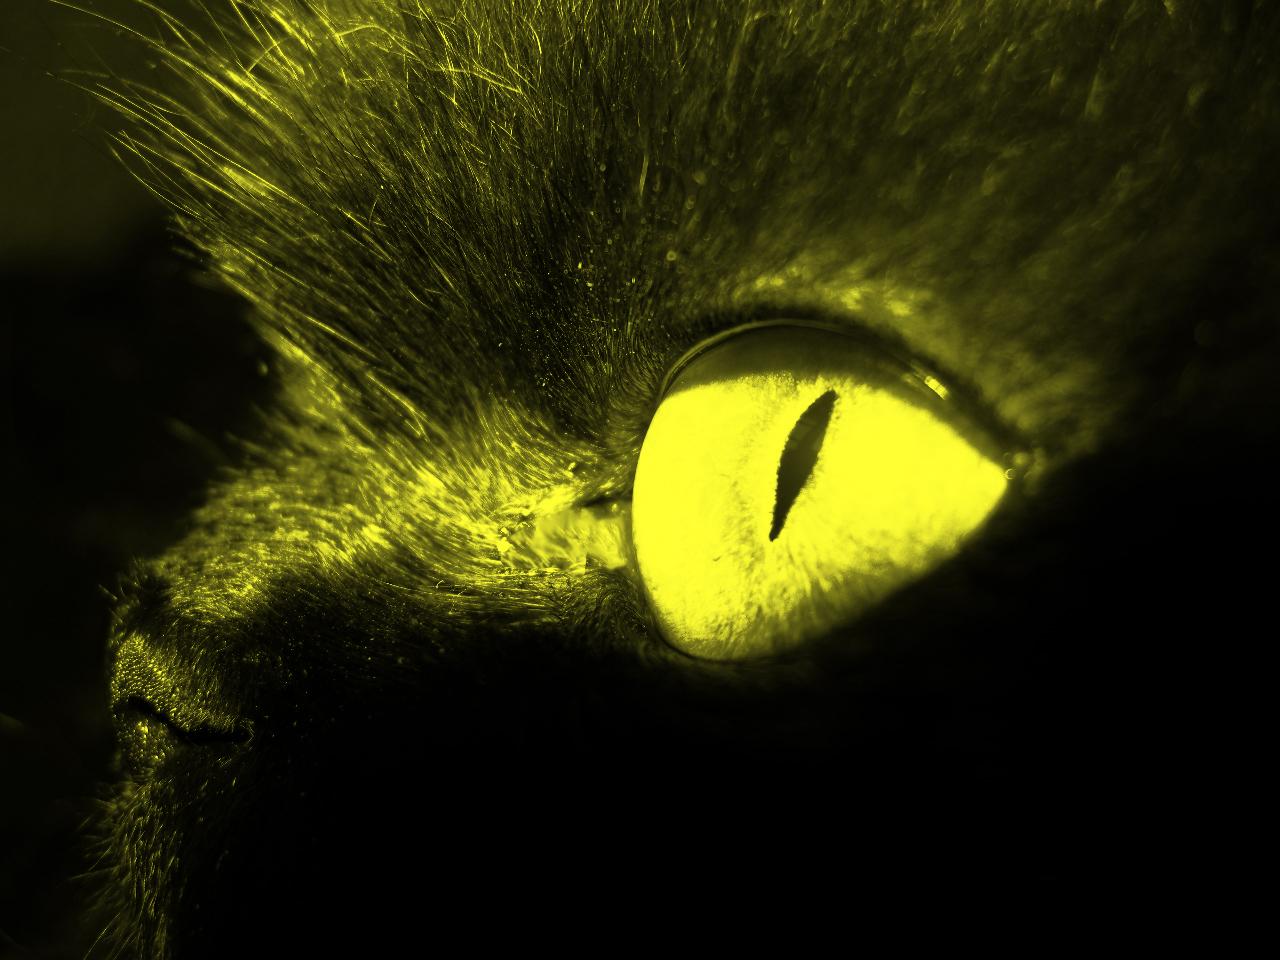 глаз дракона. Лучше кошки зверя нет!